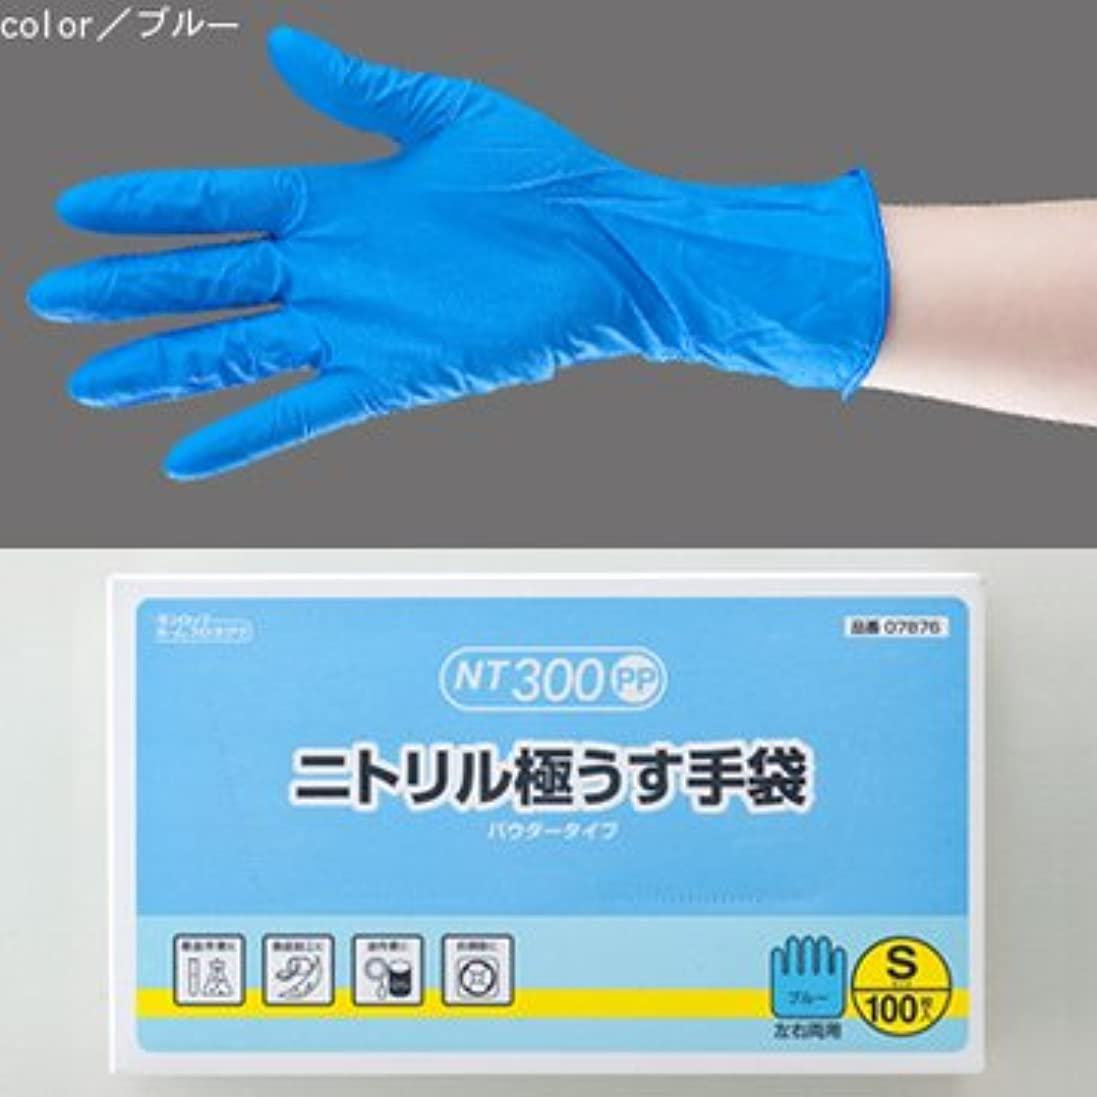 通信網無条件説明ニトリル極うす手袋 NT300PP 100枚入り (L)